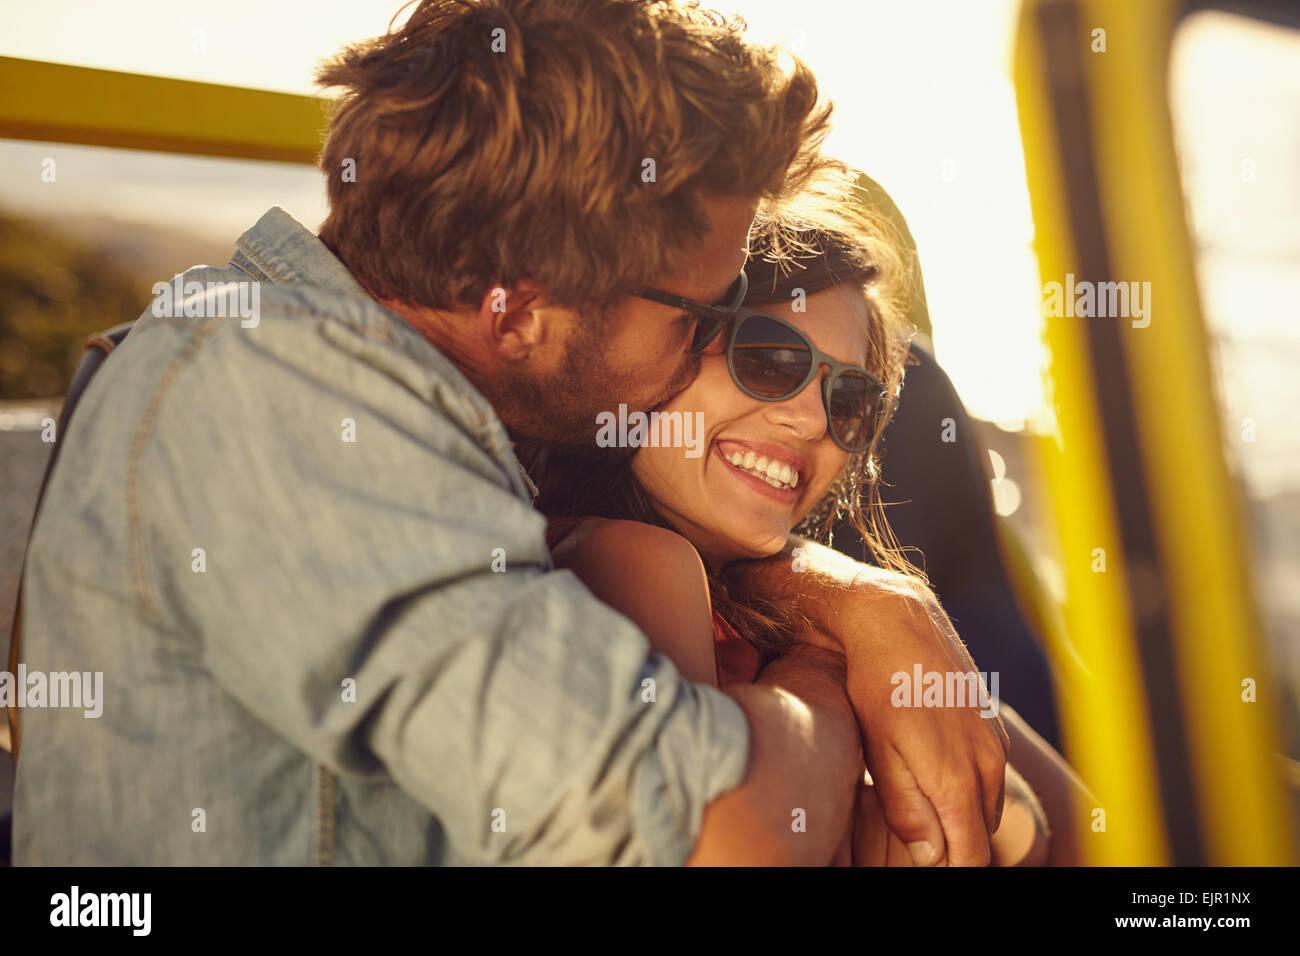 Joven abrazar y besar su hermosa novia mientras estaba en un viaje por carretera. Pareja romántica en un coche Imagen De Stock